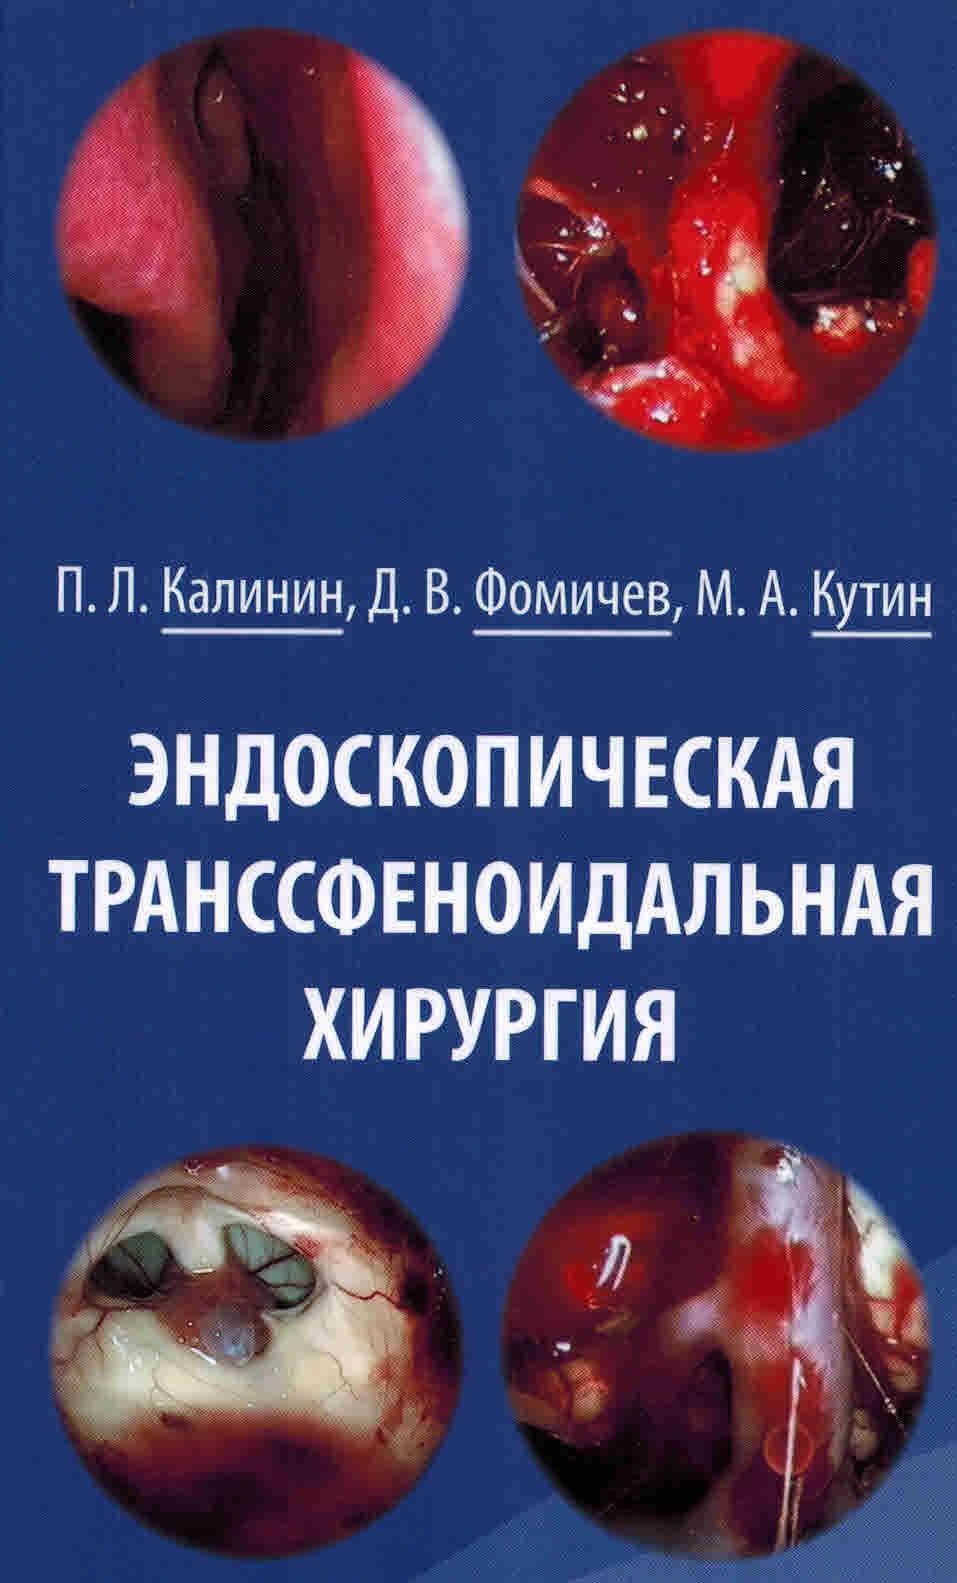 Новинки Эндоскопическая транссфеноидальная хирургия endoskop_transsf_hir.jpg